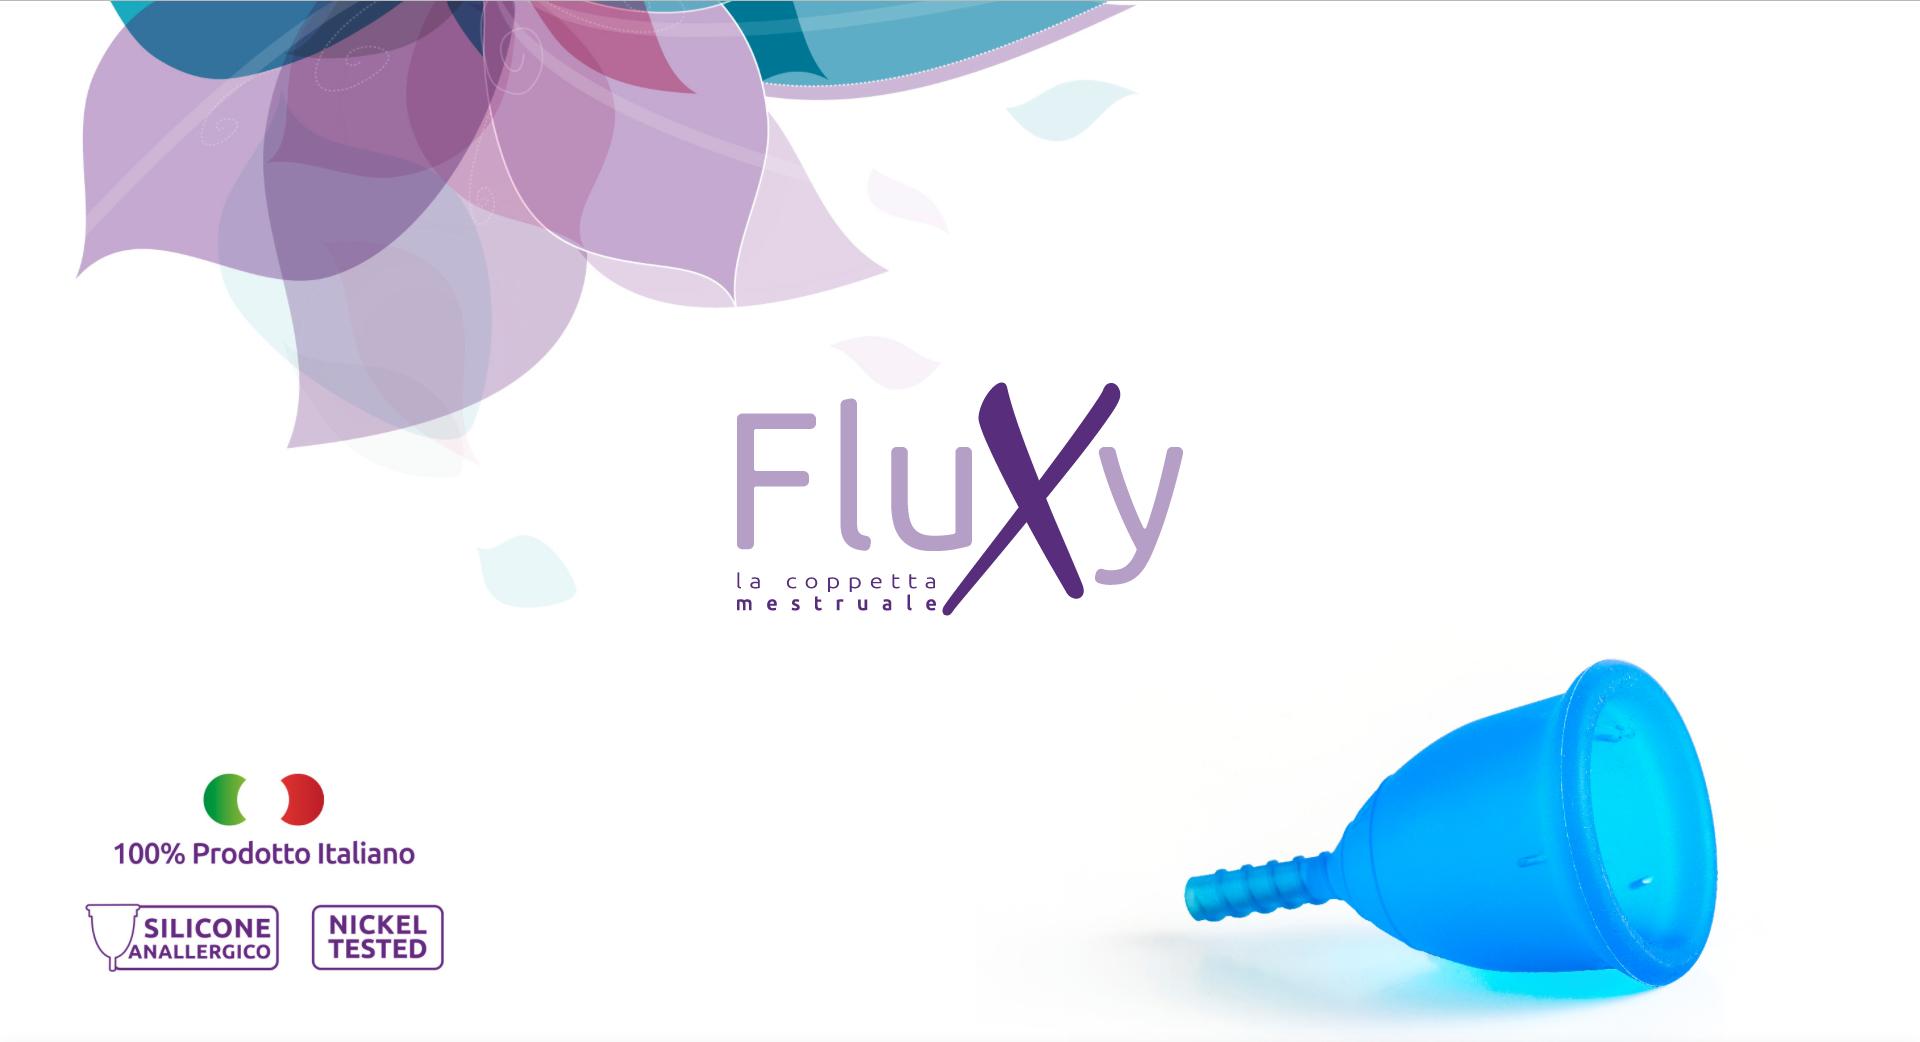 Fluxy sito web sinergica design agenzia di for Design sito